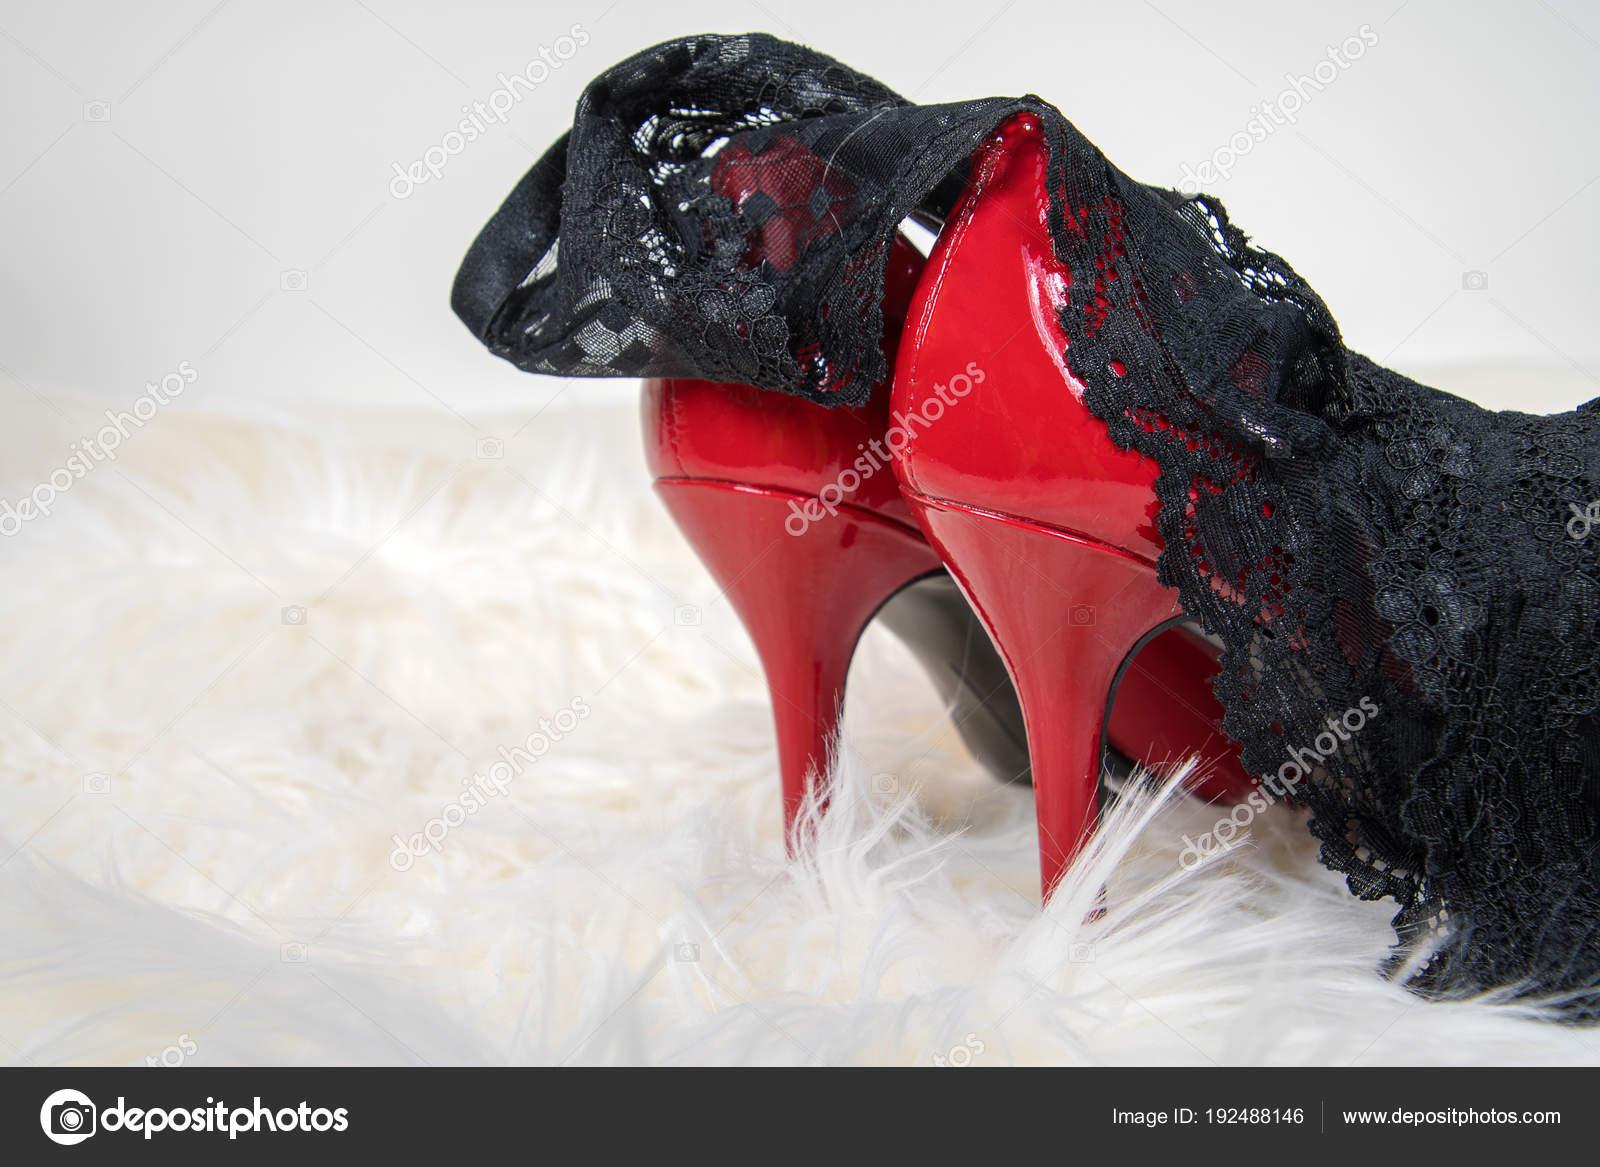 μακρύ μαύρο κόκορας εικόνες μεγάλα βυζιά και σέξι βίντεο